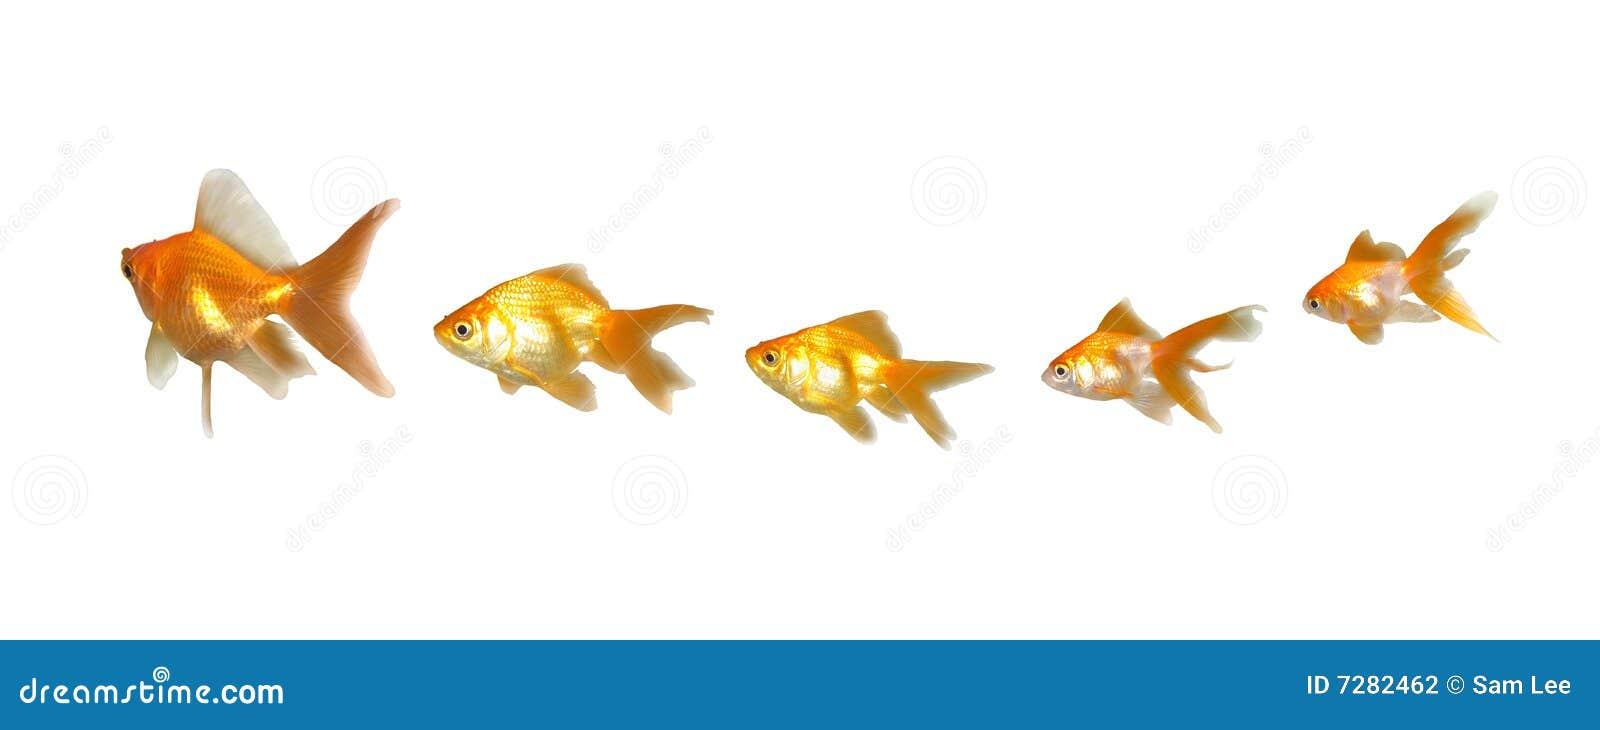 Goldfishes trabajo en equipo y dirección